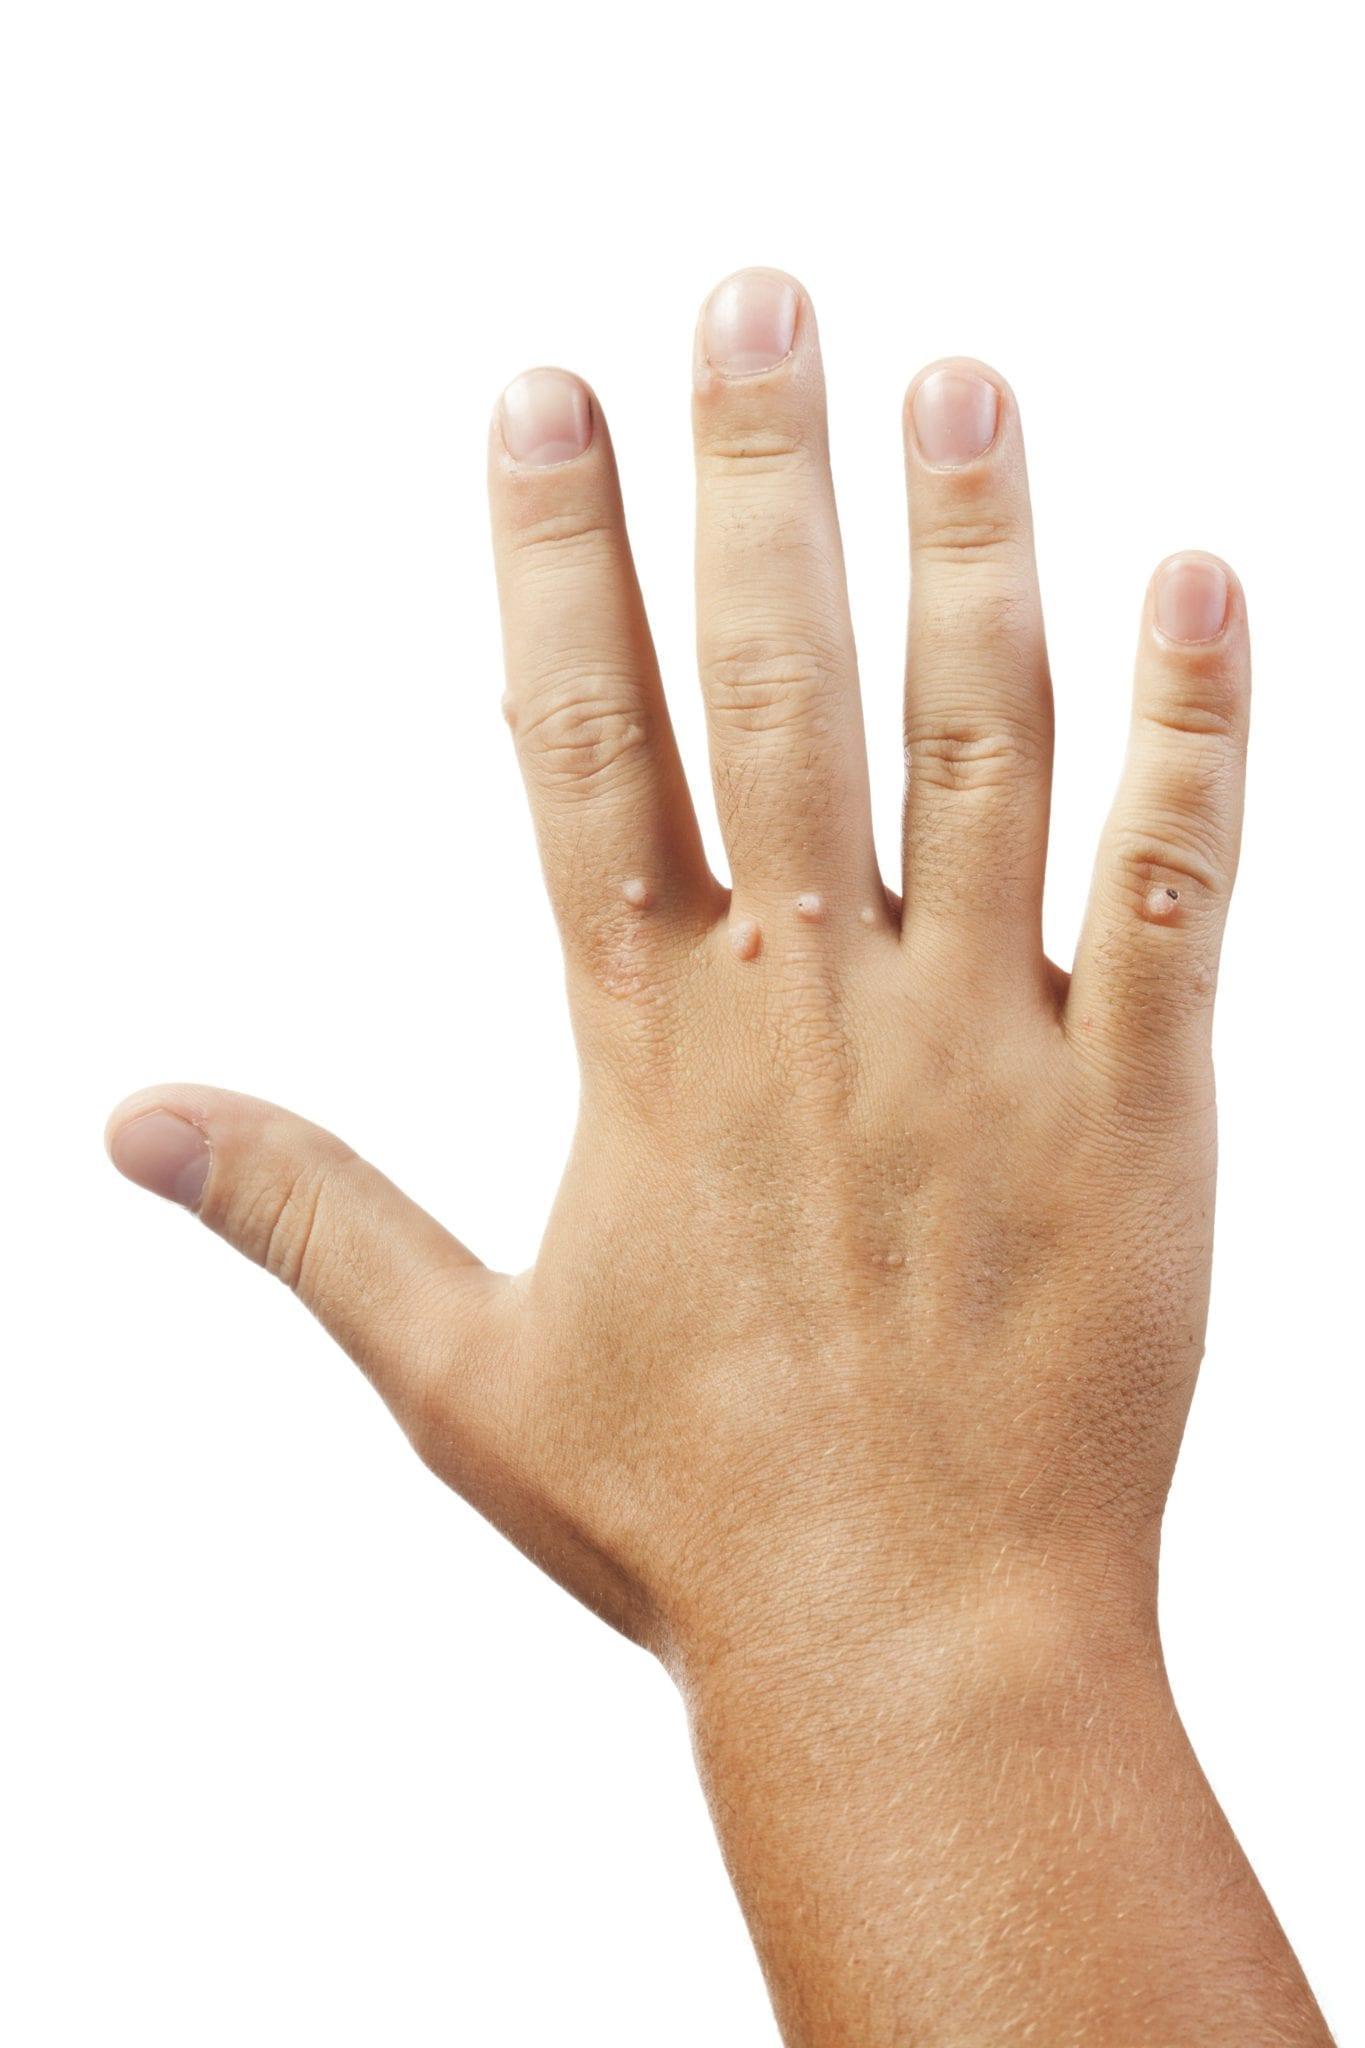 Virus papiloma humano verrugas manos. Infecția cu papilomavirus uman afectează prostata